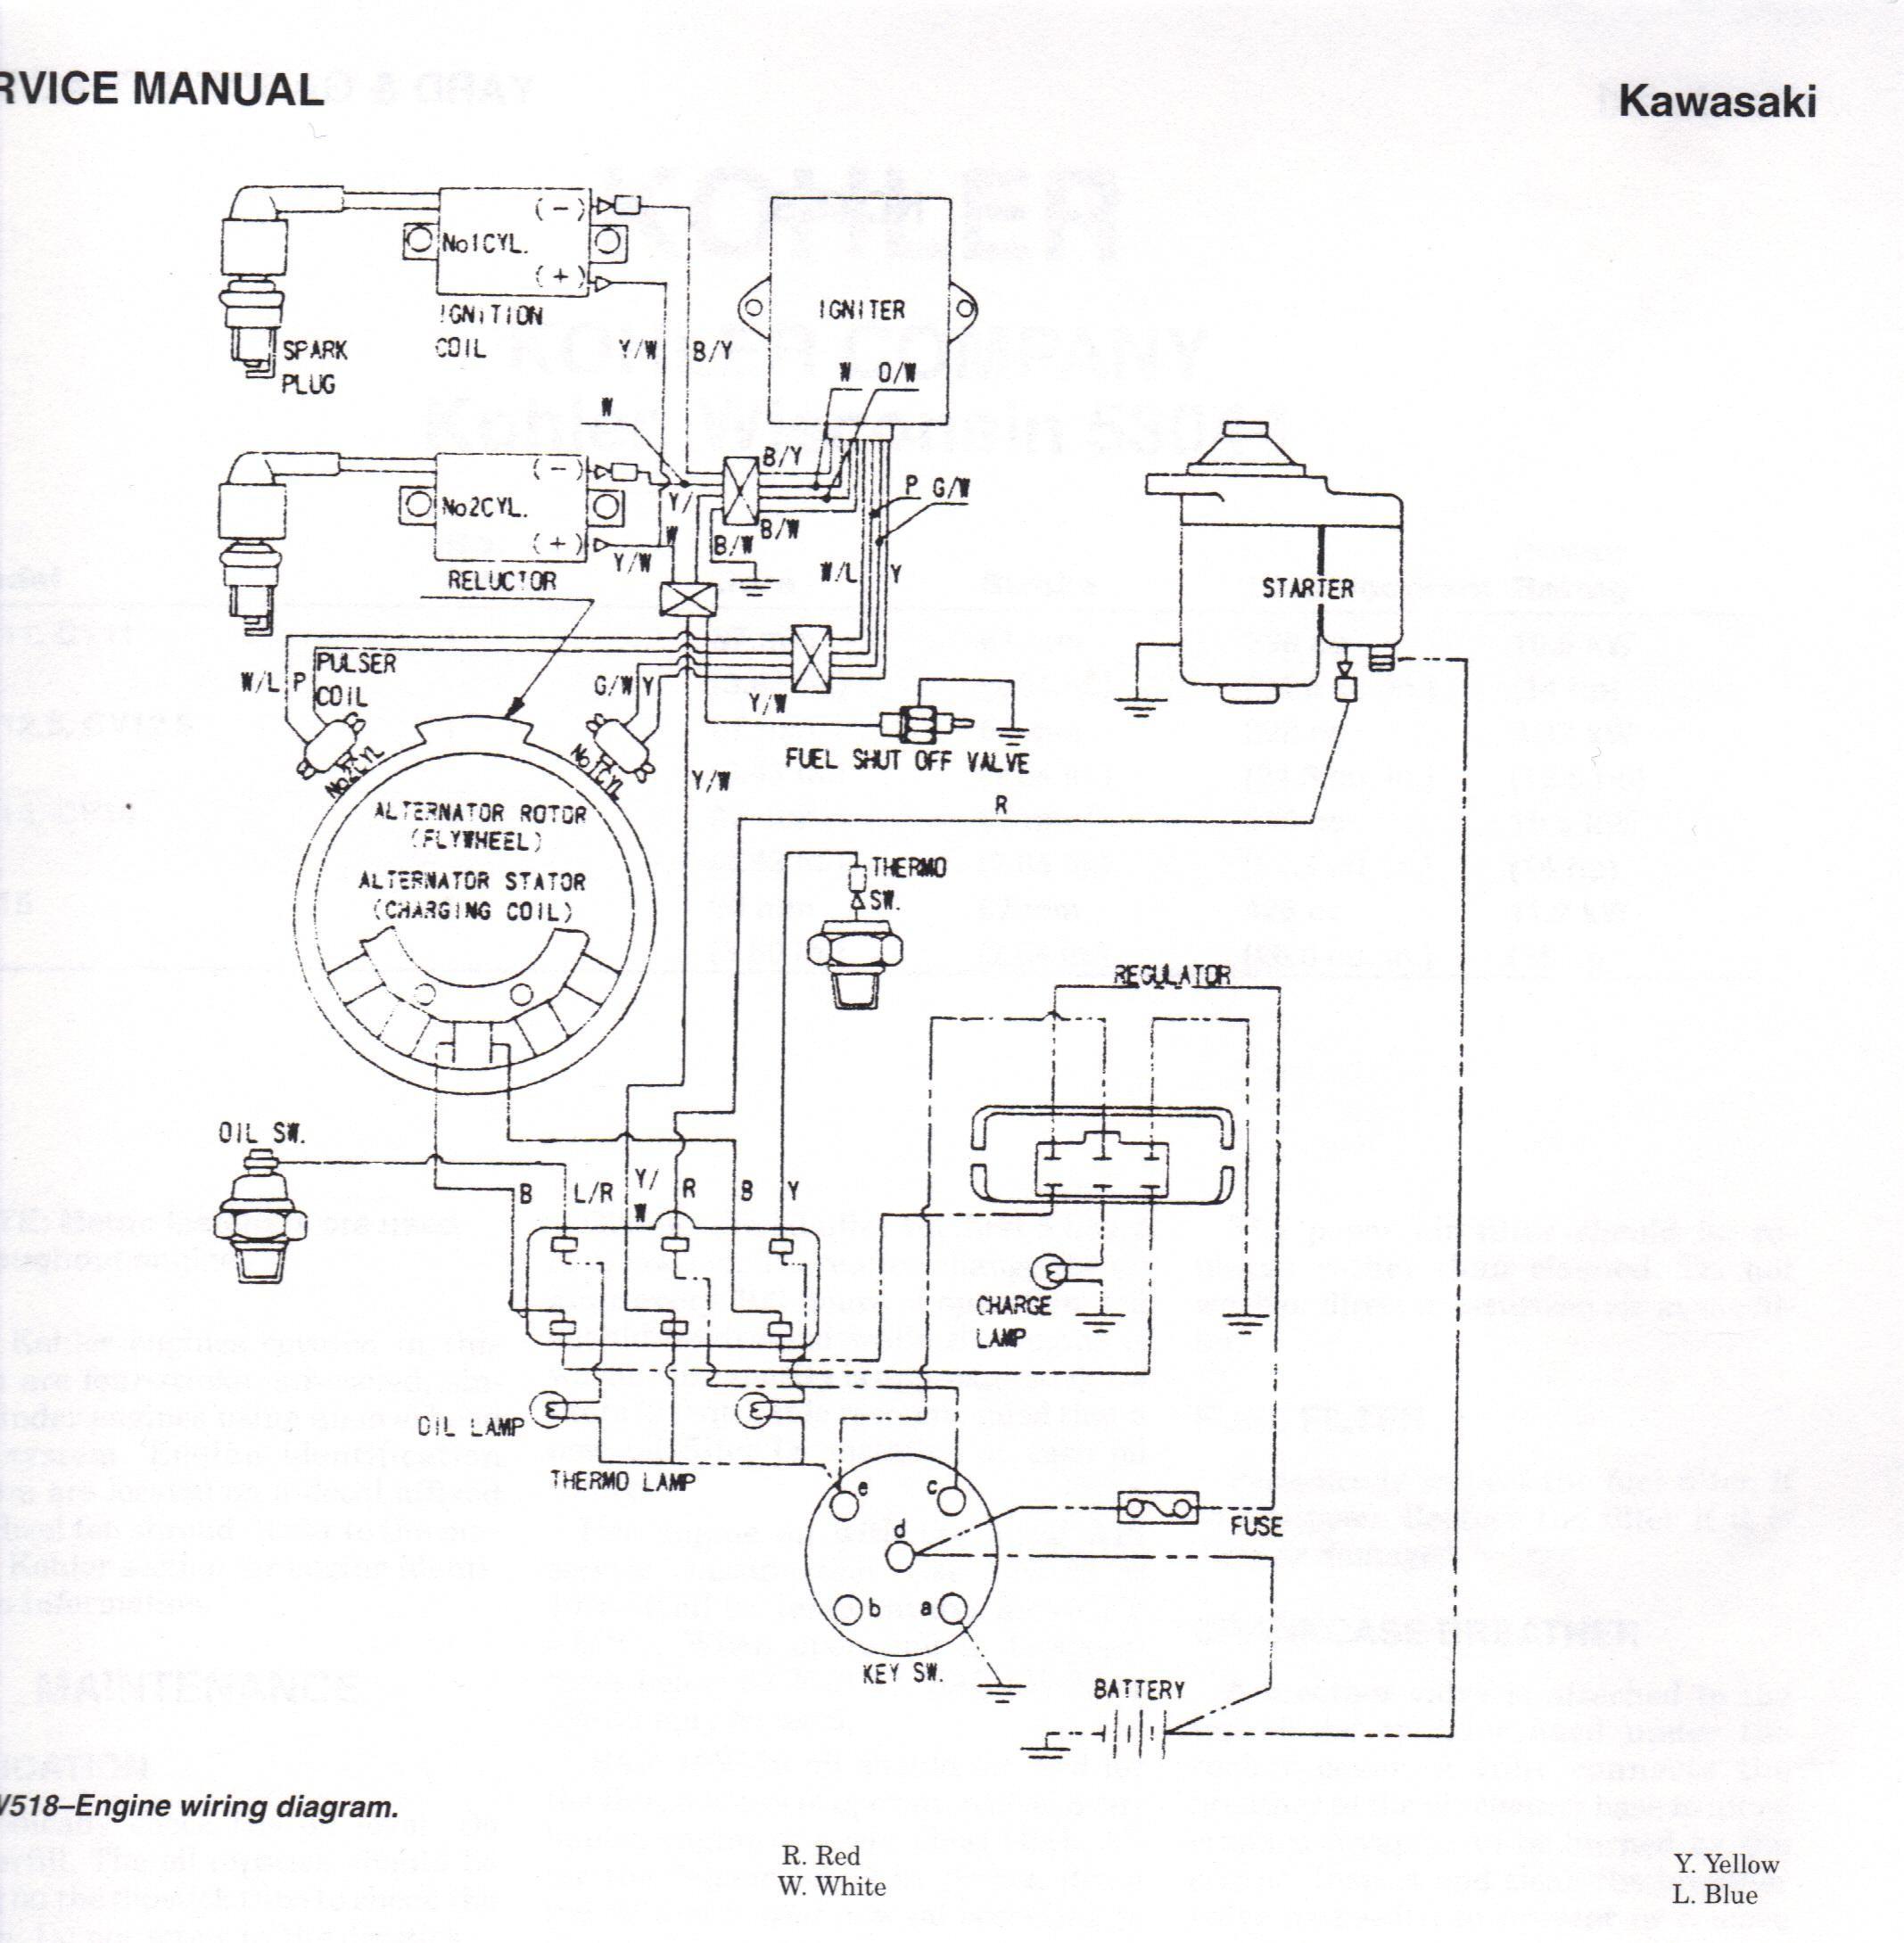 1978 John Deere Gator Electrical Diagram Wrg 2228] Wiring Diagram for 4020 John Deere Tractor Of 1978 John Deere Gator Electrical Diagram